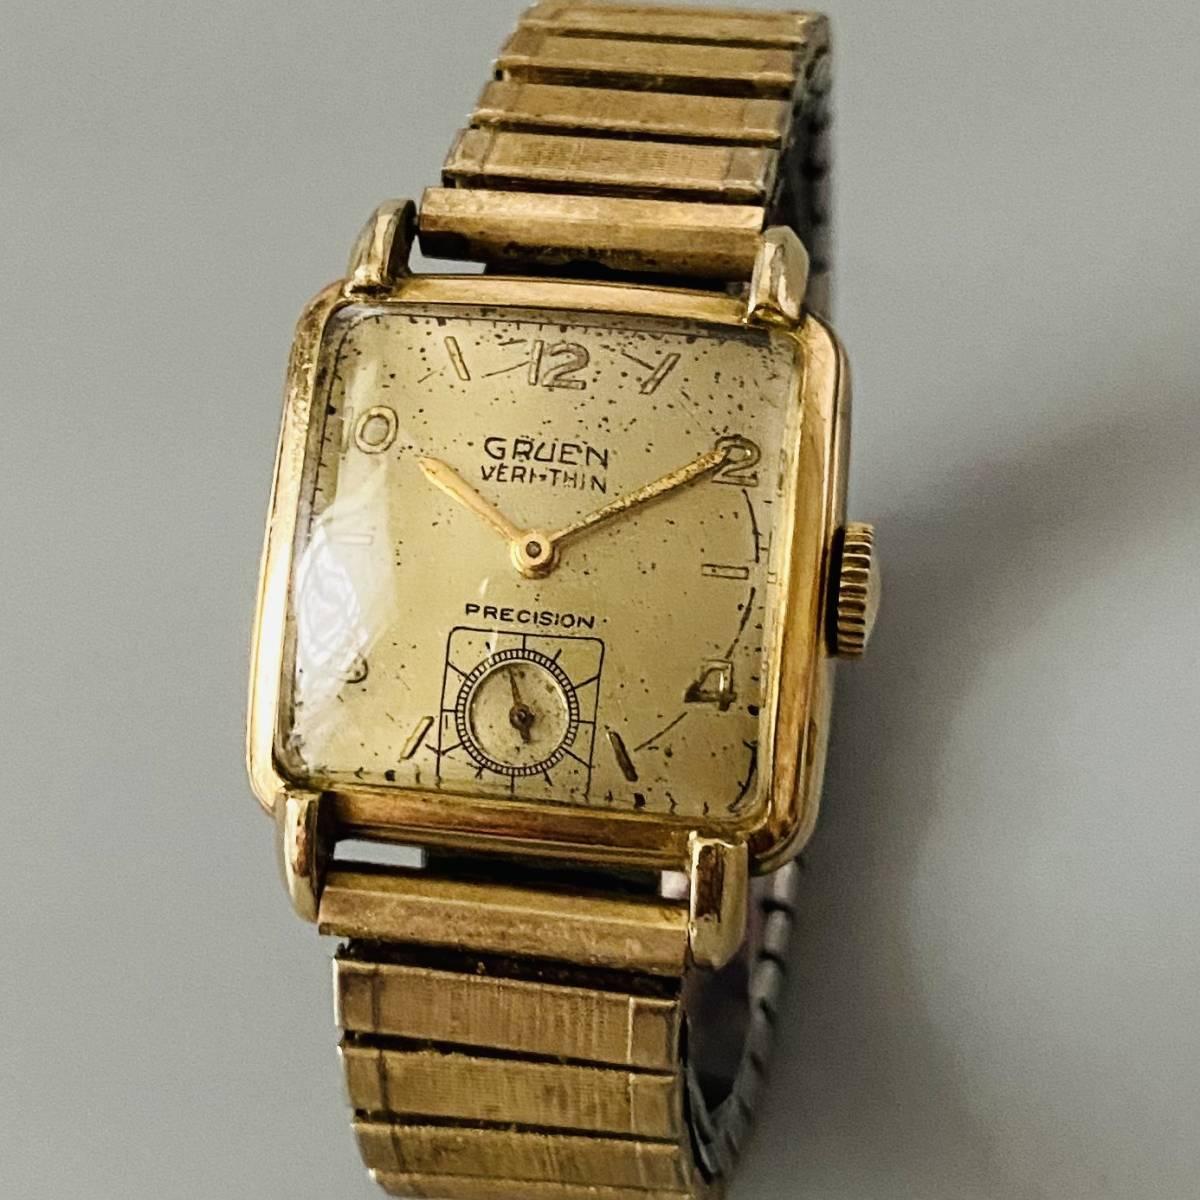 【アンティーク グリュエン】Gruen veri-thin 1940年代 スモセコ cal 425 17石 手巻き メンズ レディース ビンテージ 腕時計 スイス 訳あり_画像2